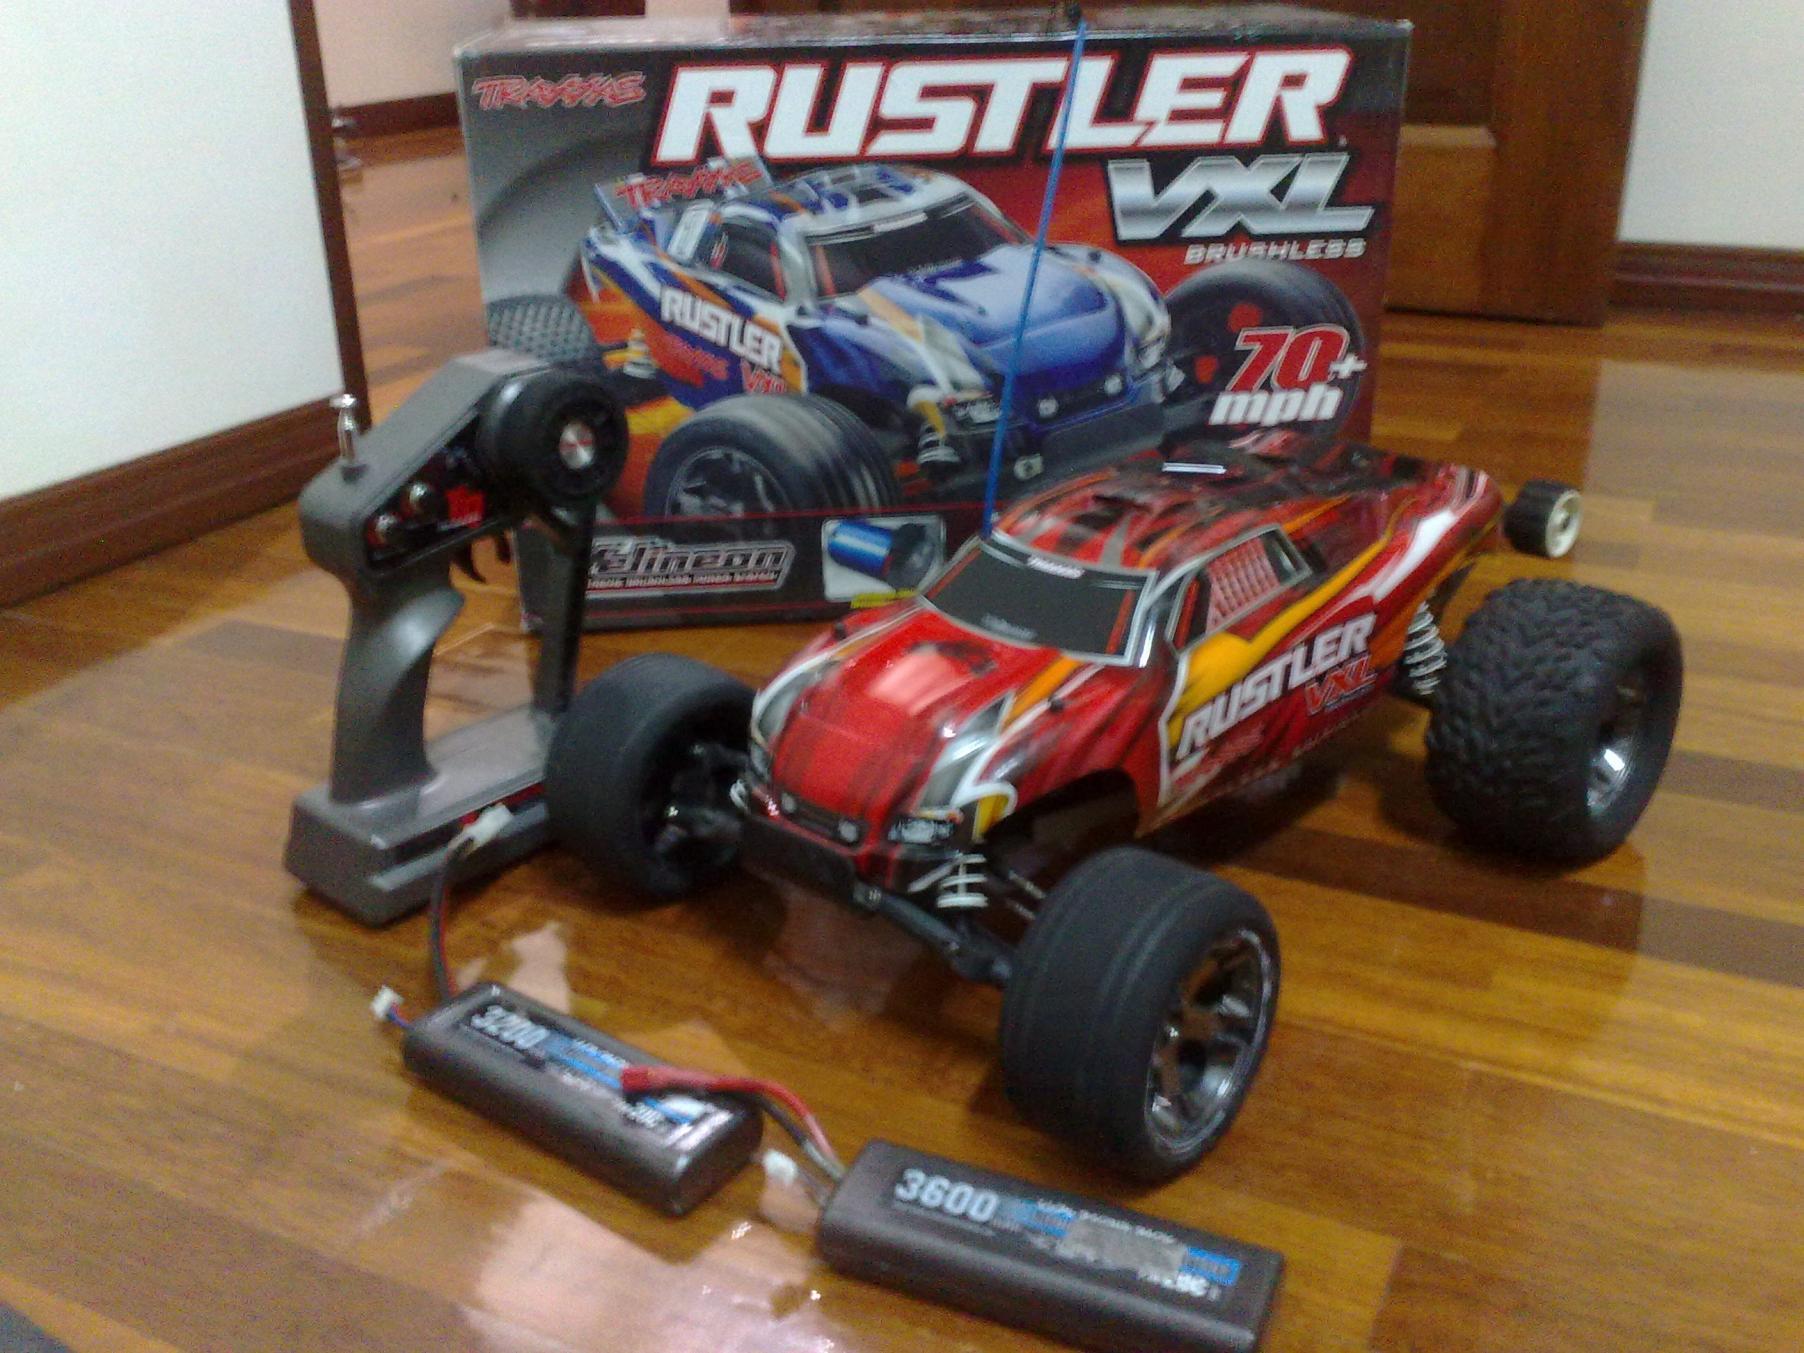 Traxxas rustler vxl for sale